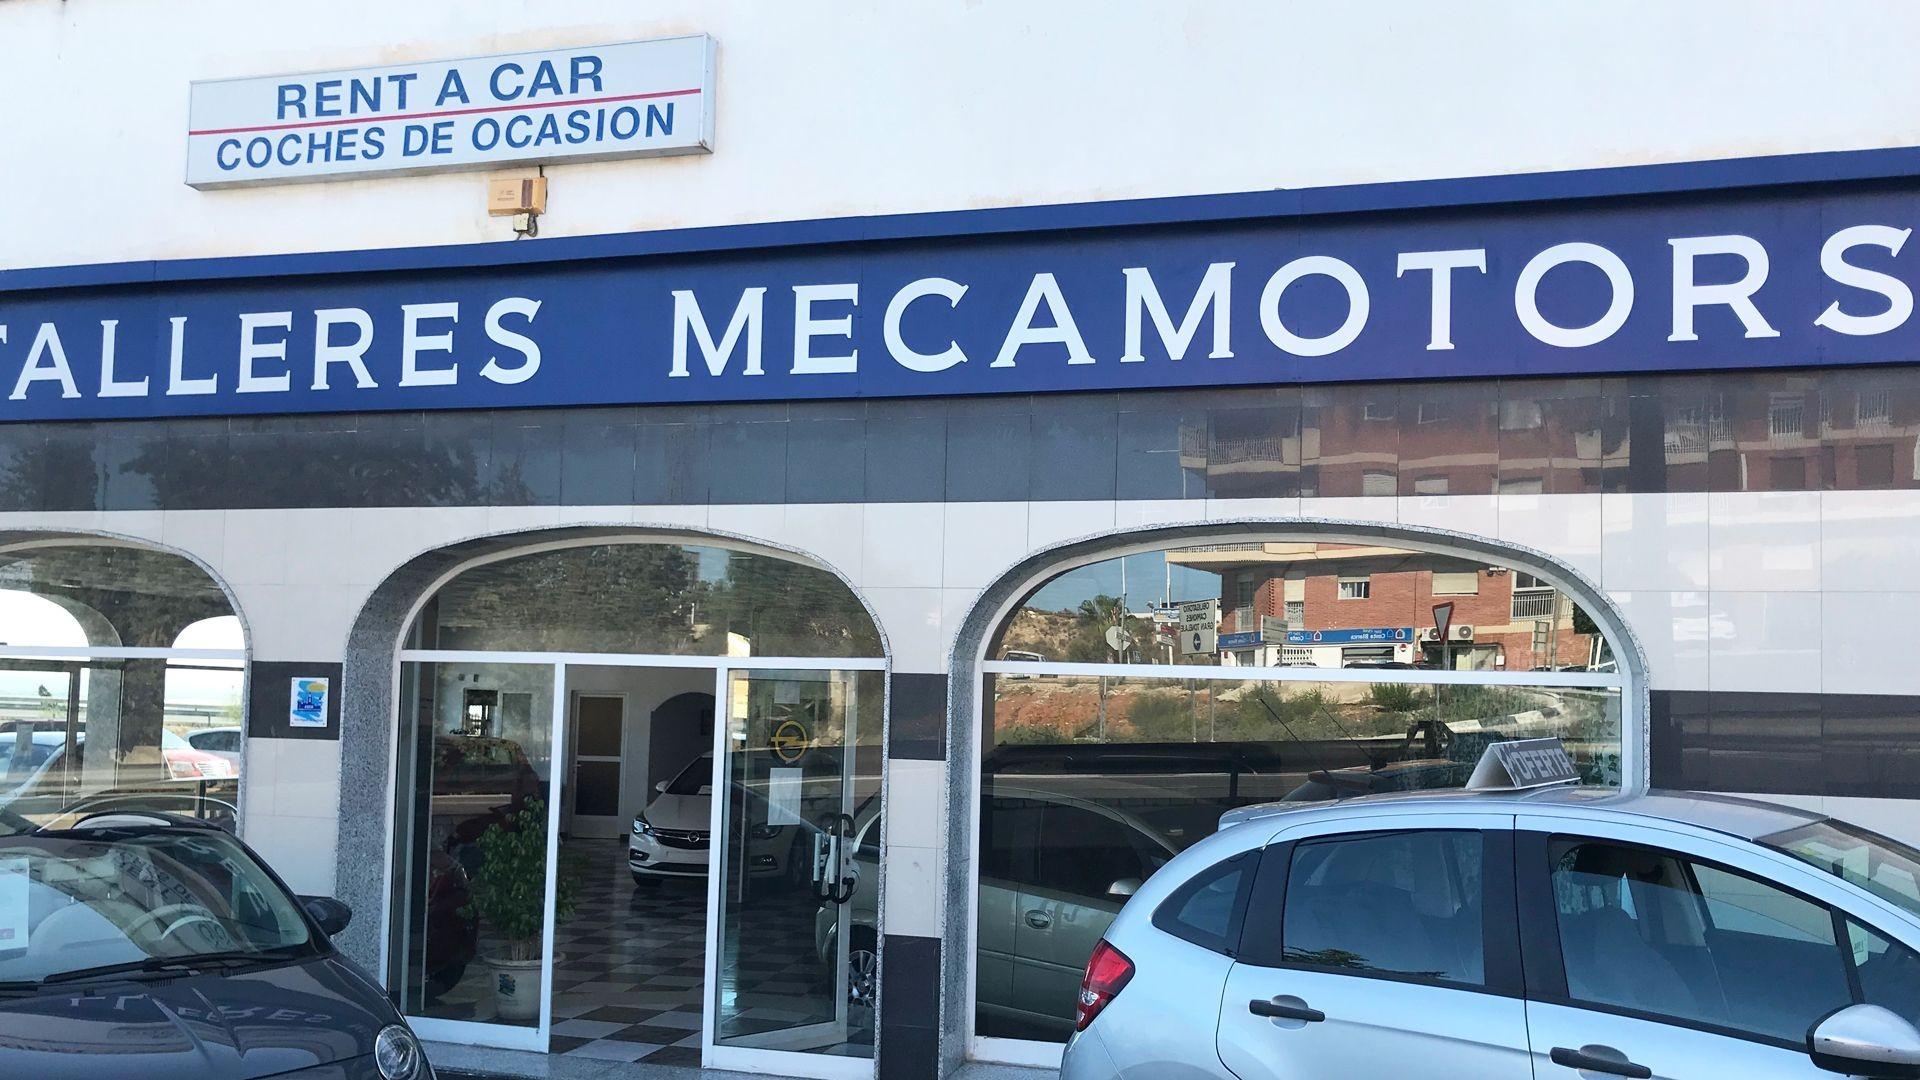 Coches de ocasión en Alicante